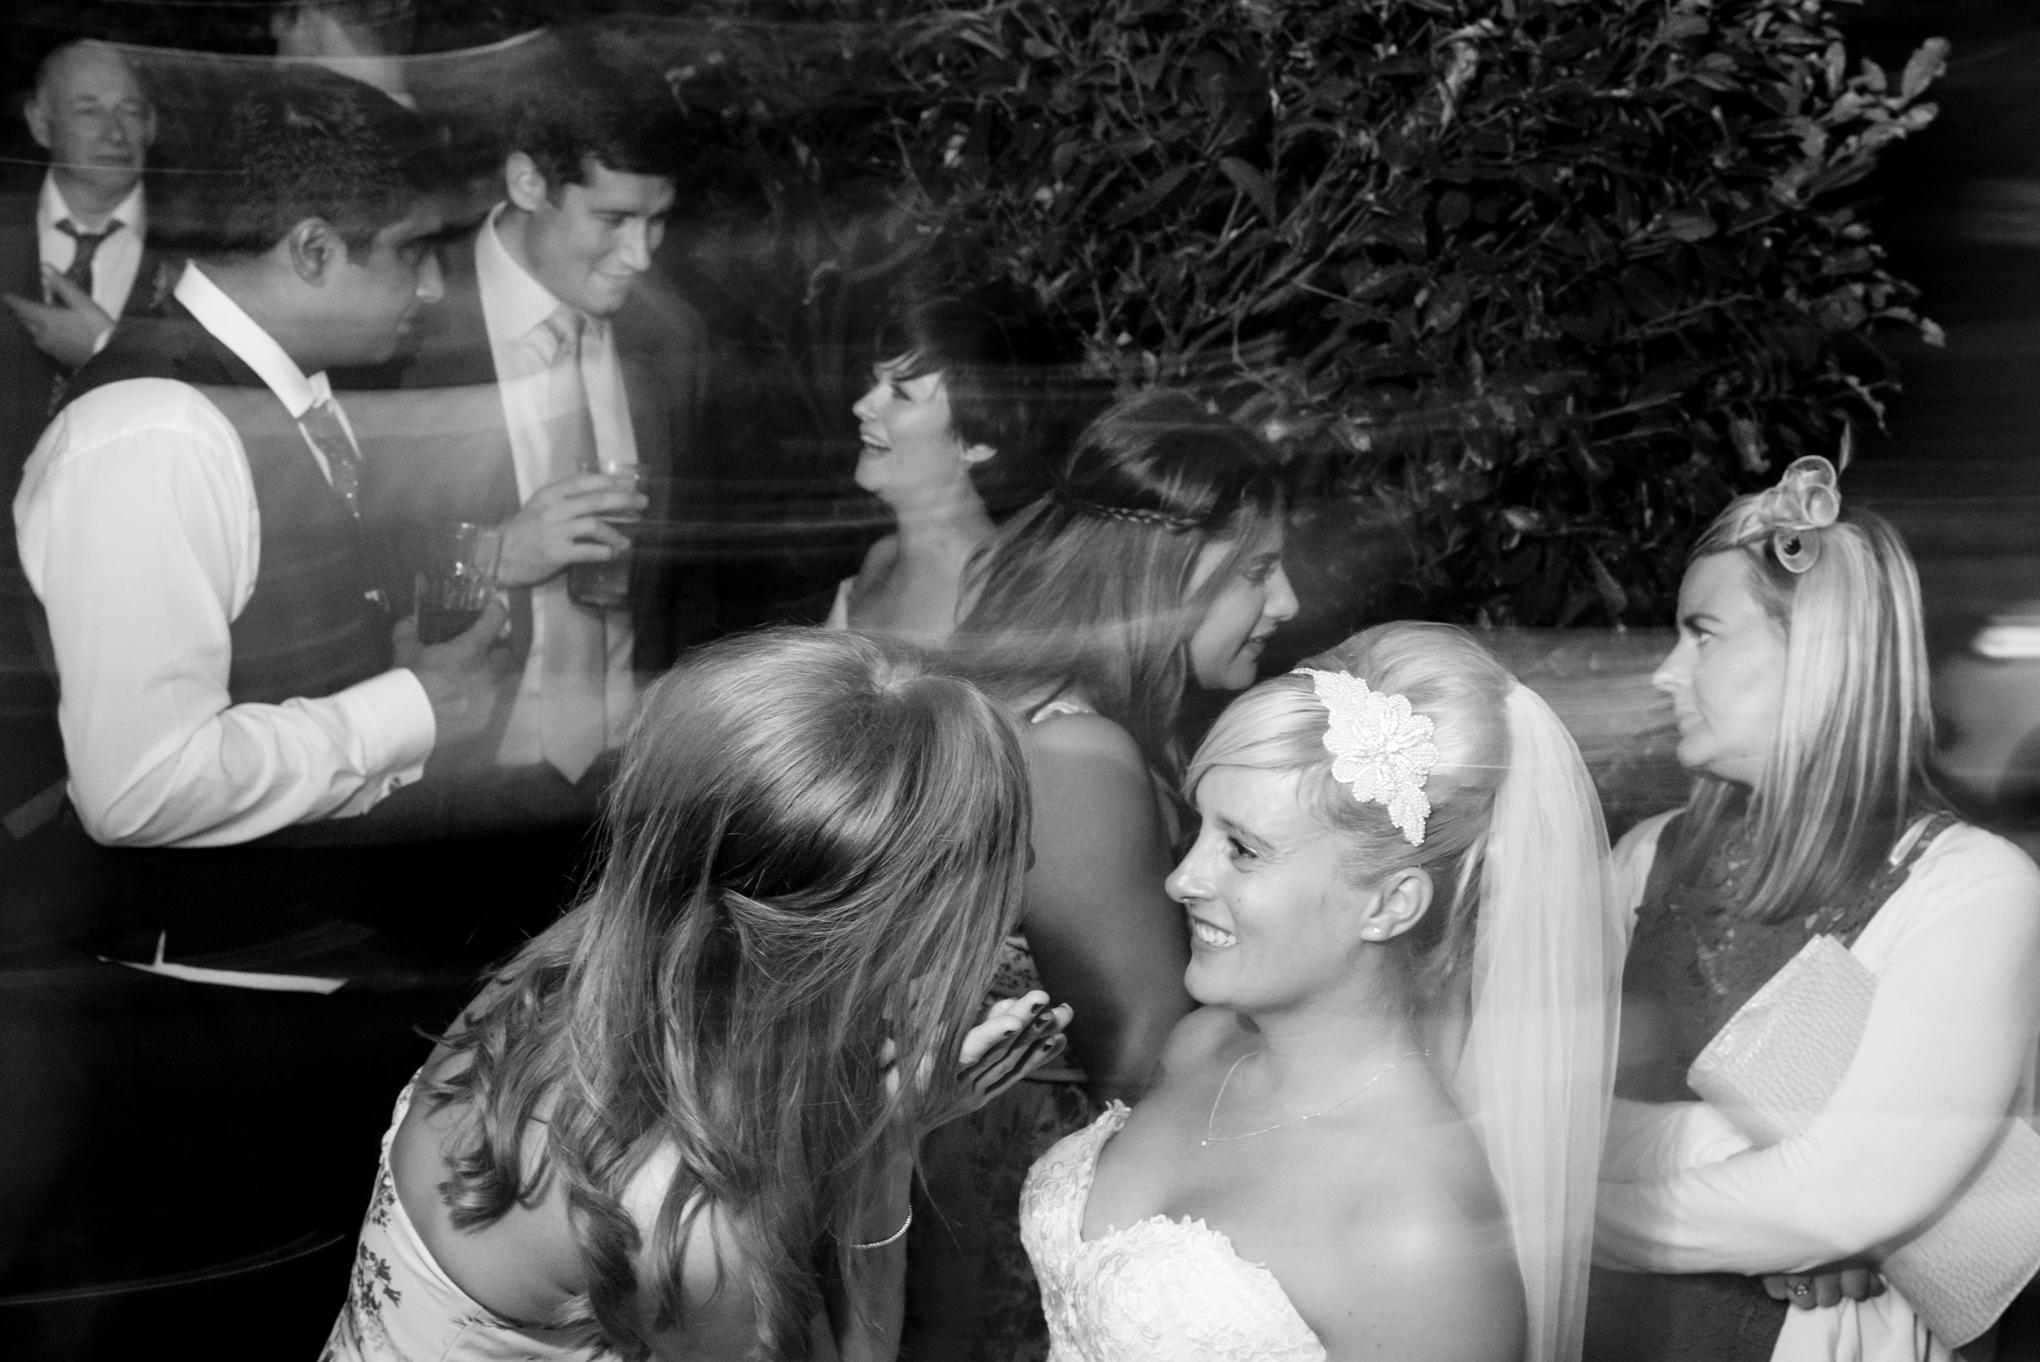 guests dancing in wedding